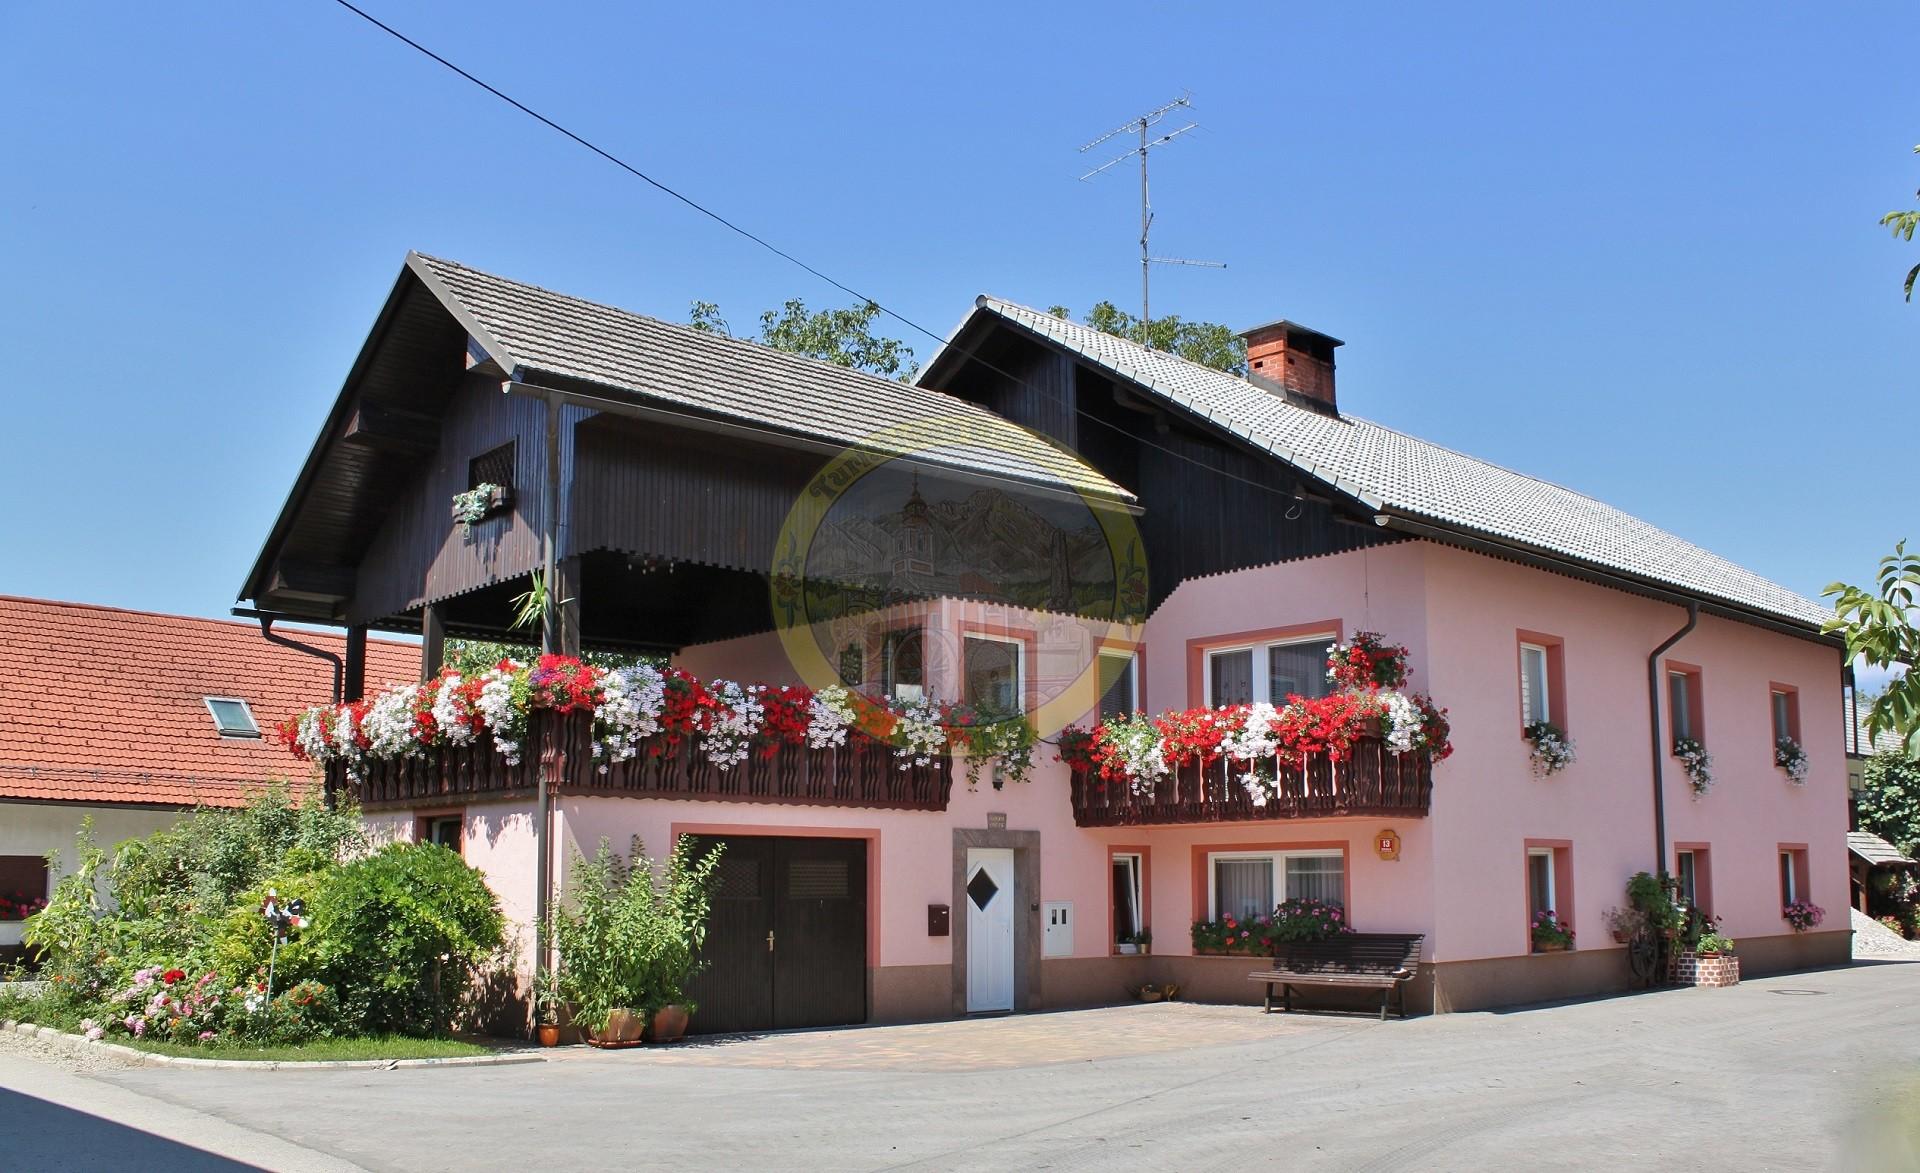 Jurjevčeva kmetija na Okroglem je med najlepšimi v vasi. Posebej lepa je hiša s slapovi rož.